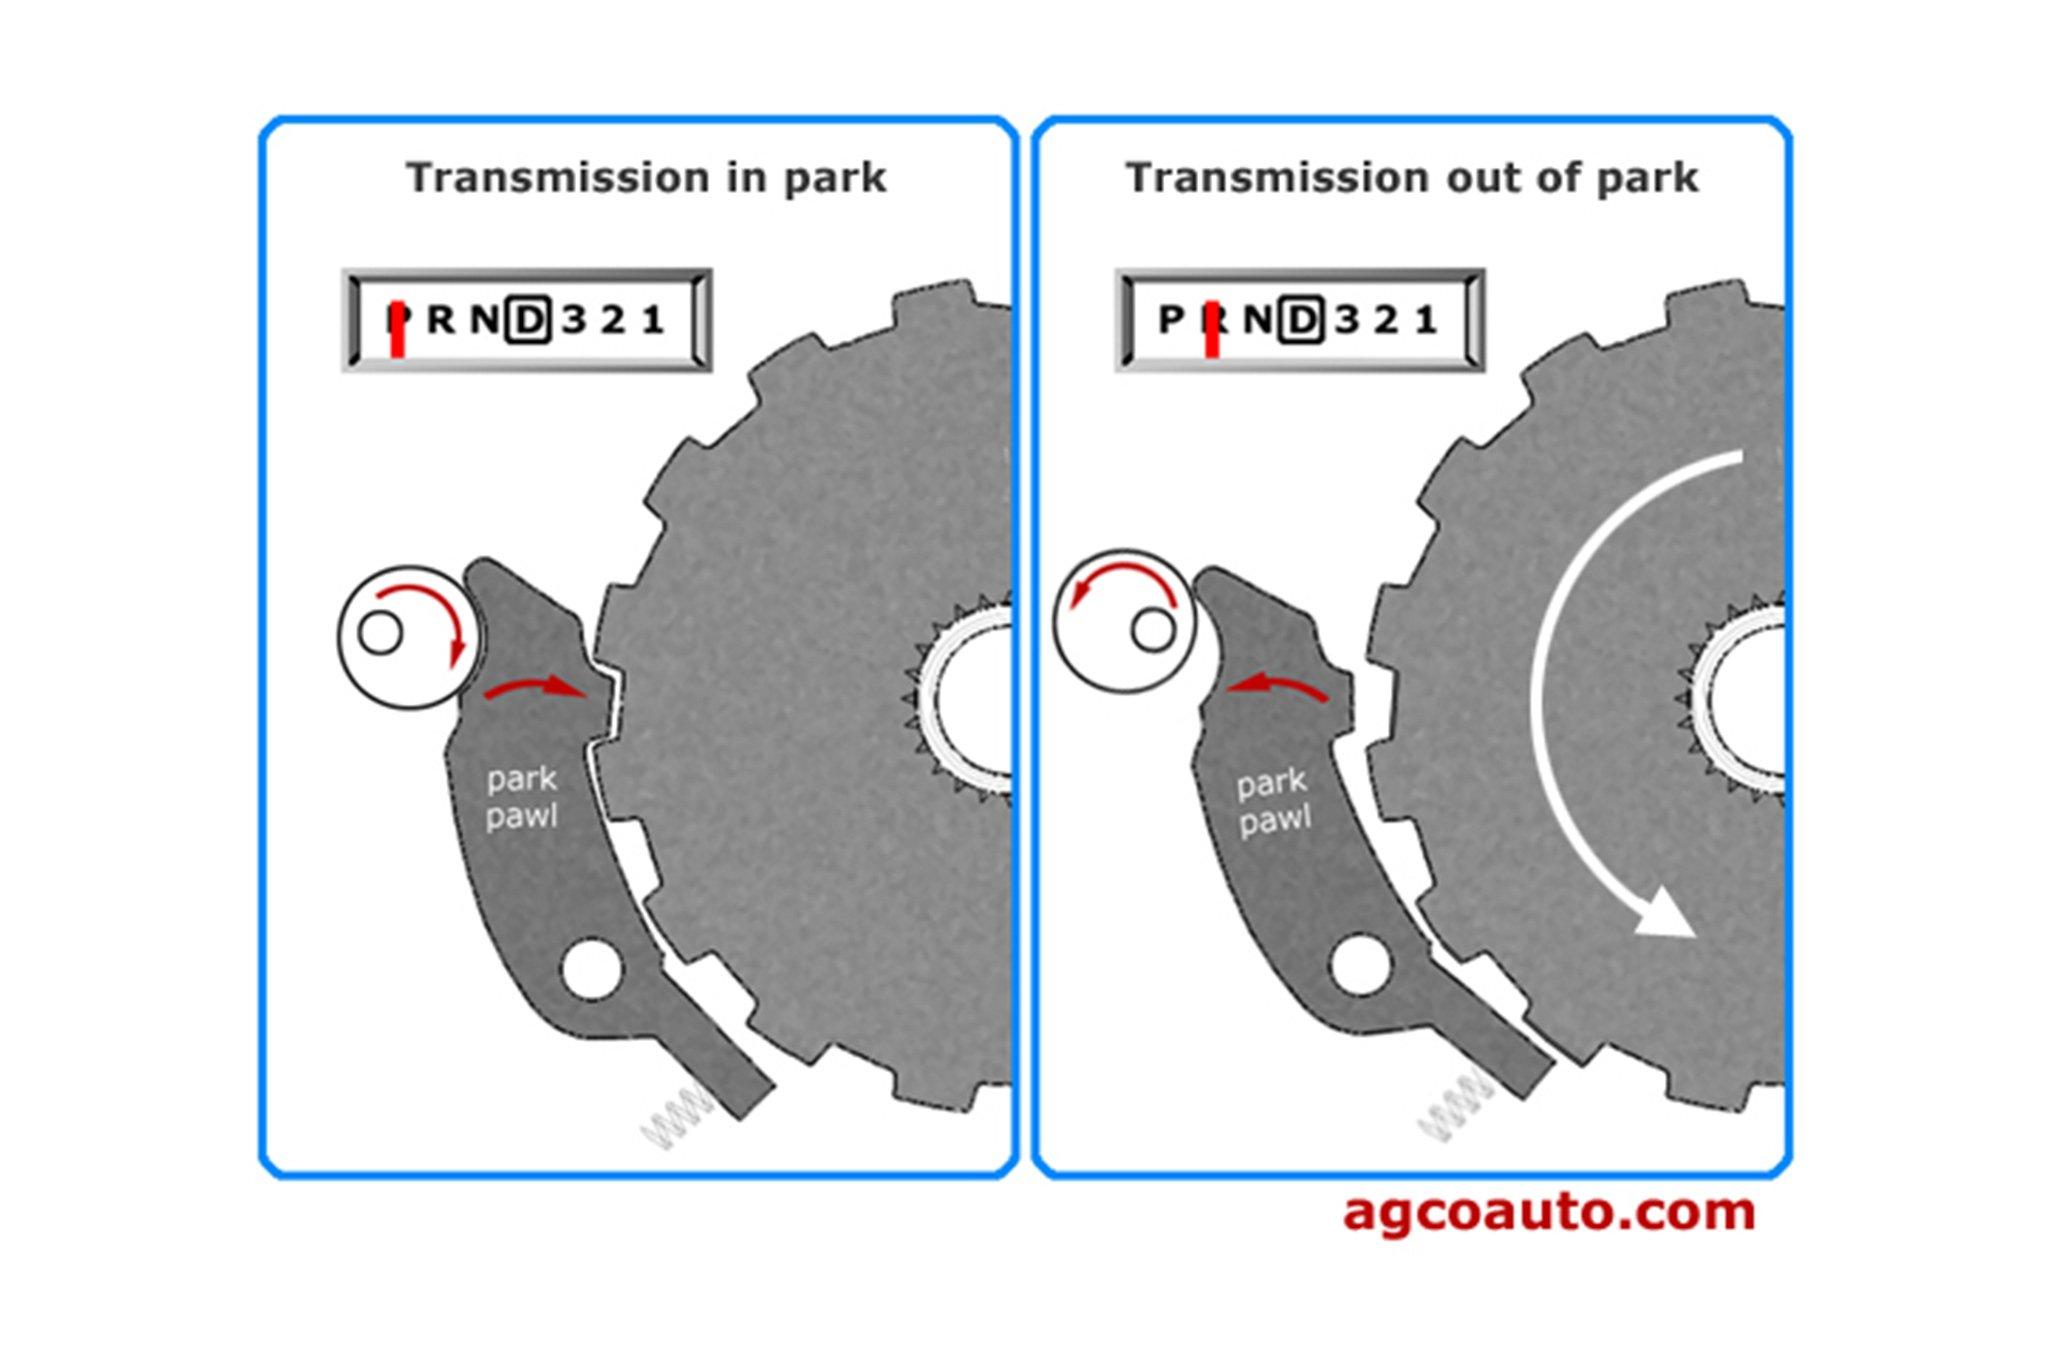 Khi đỗ xe ô tô có nên dùng cả số P và phanh tay không? - Ảnh 1.